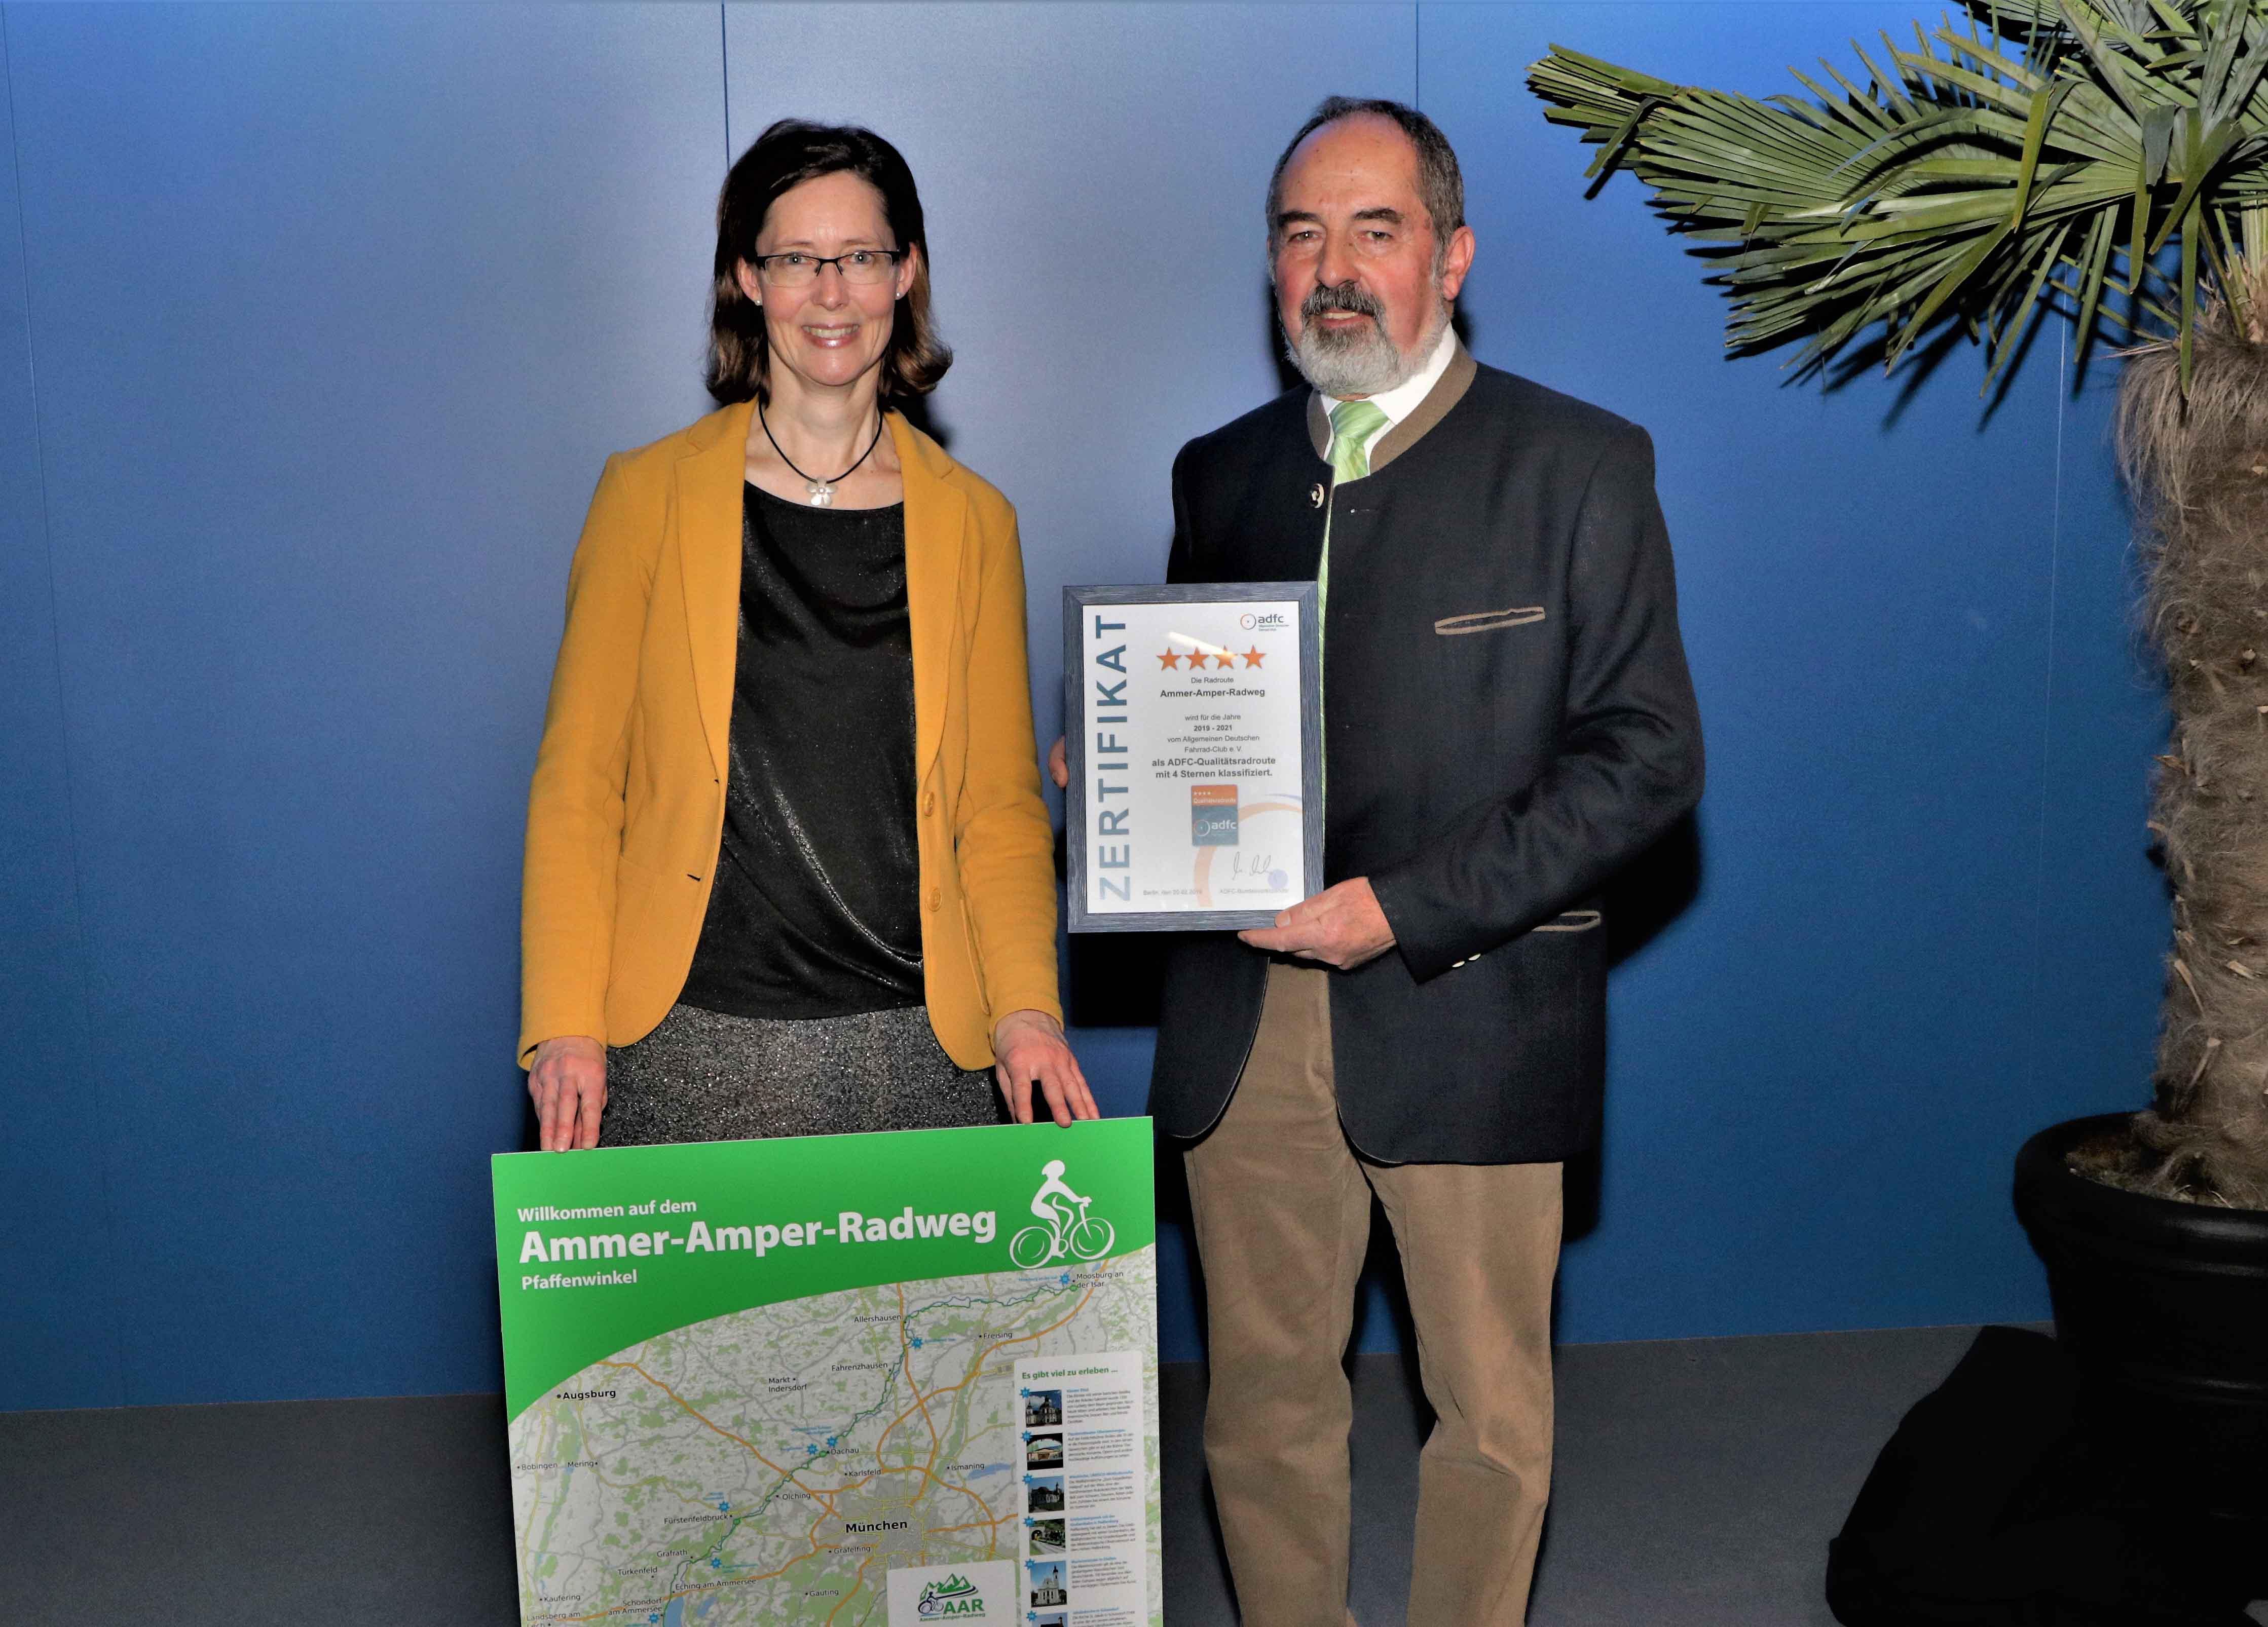 Stellvertretender Landrat Robert Scholz und Tourismusreferentin Martina Mayer nehmen für den Landkreis Freising die Urkunde in Empfang.